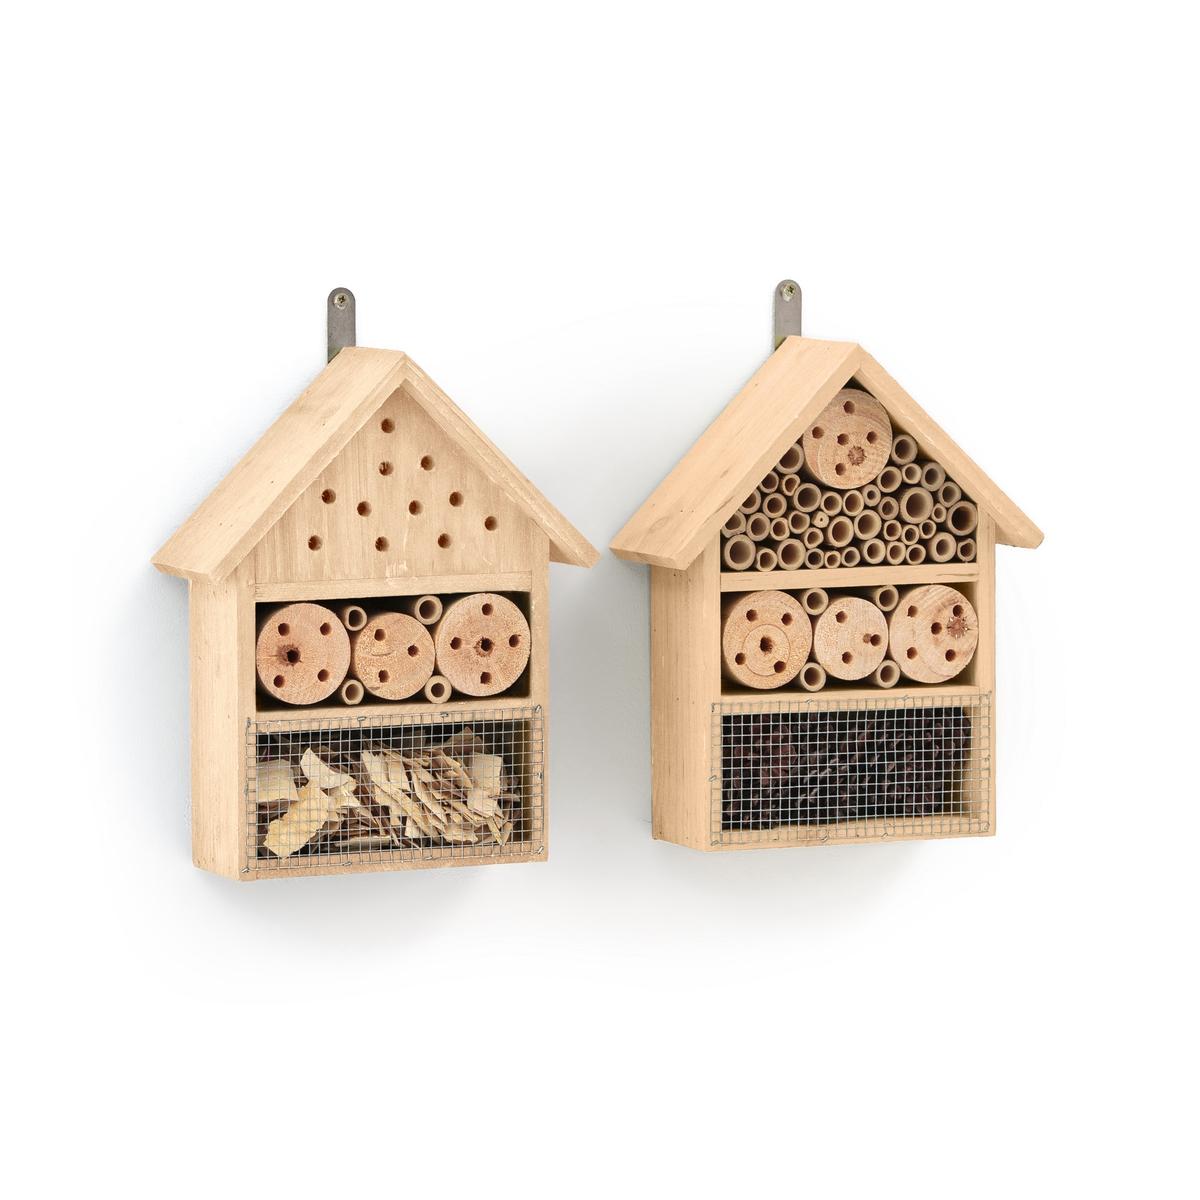 Комплект из 2 домиков для насекомых BOREFUGE штора bartica quelle quelle 770777 2 в ш 175x140 см